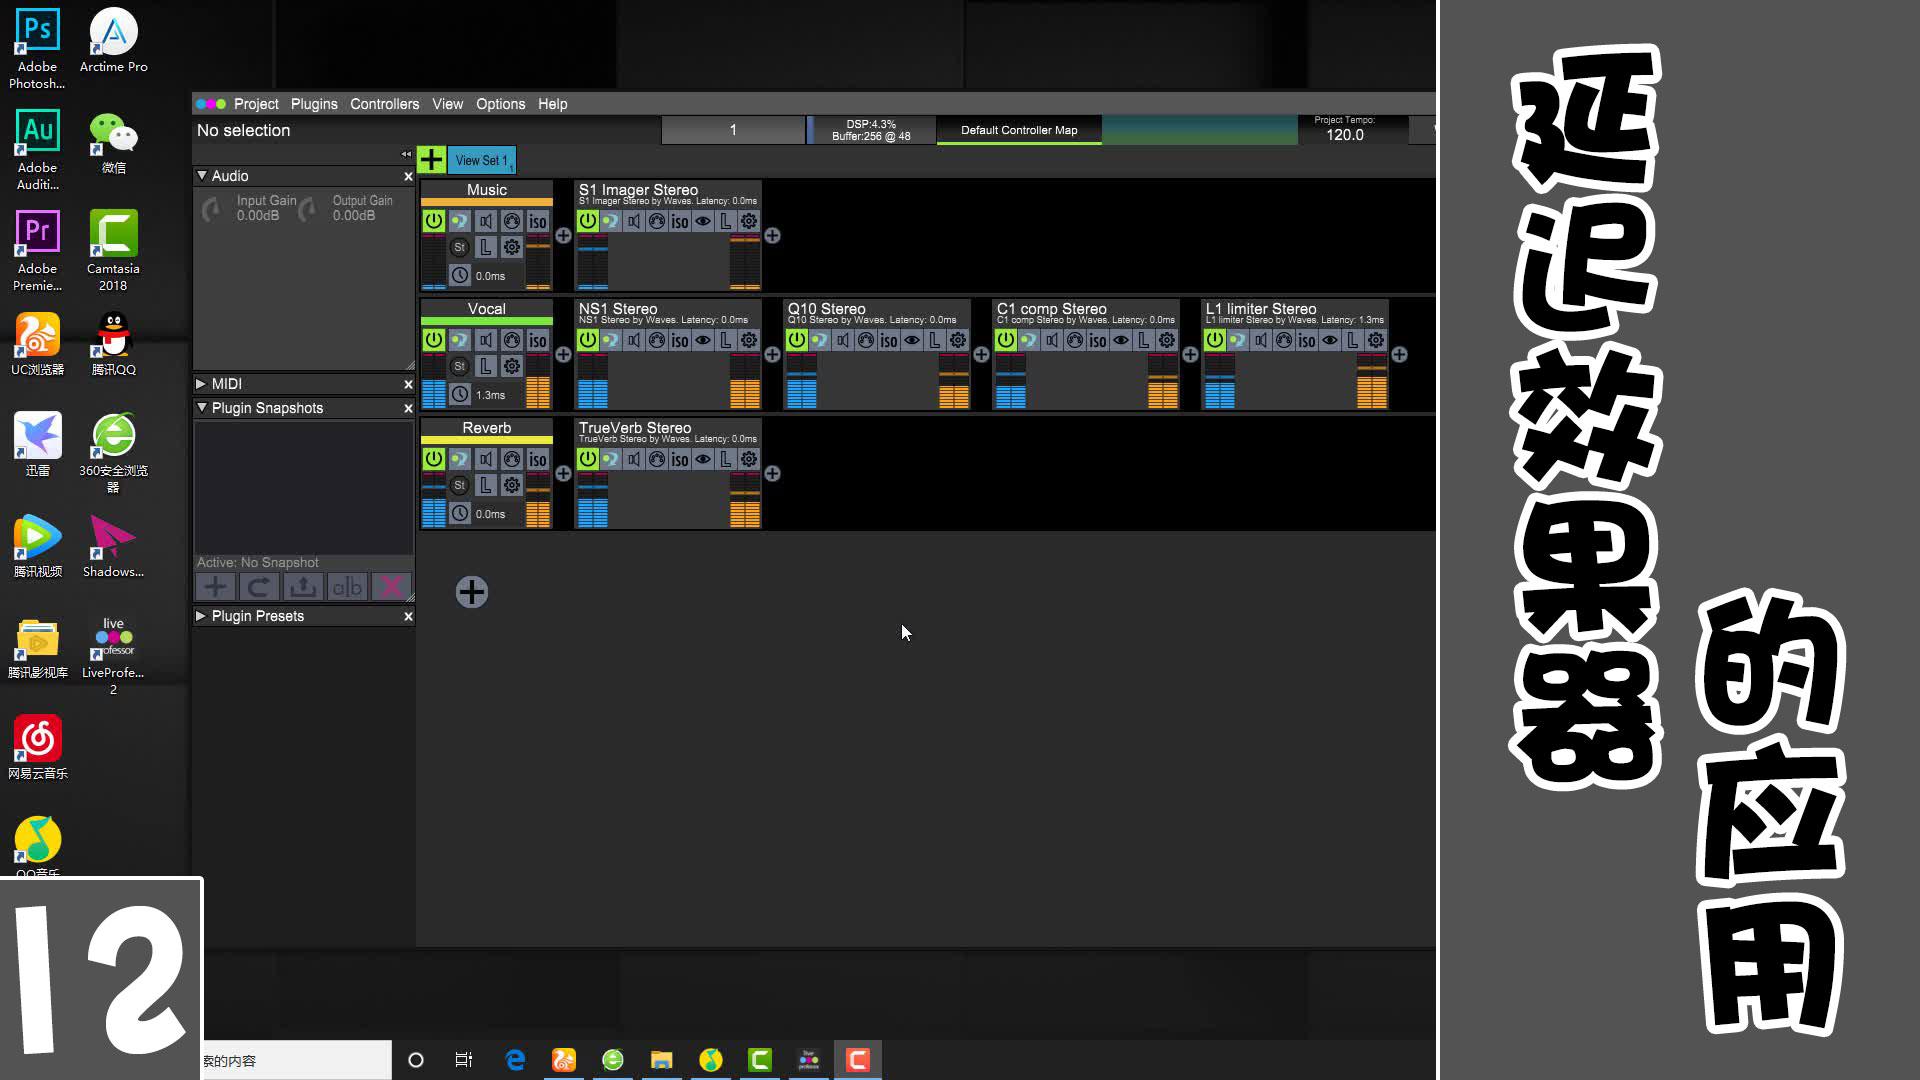 直播K歌VST效果机架调试教程[01]Liveprofessor机架 | 12-延迟效果器的应用